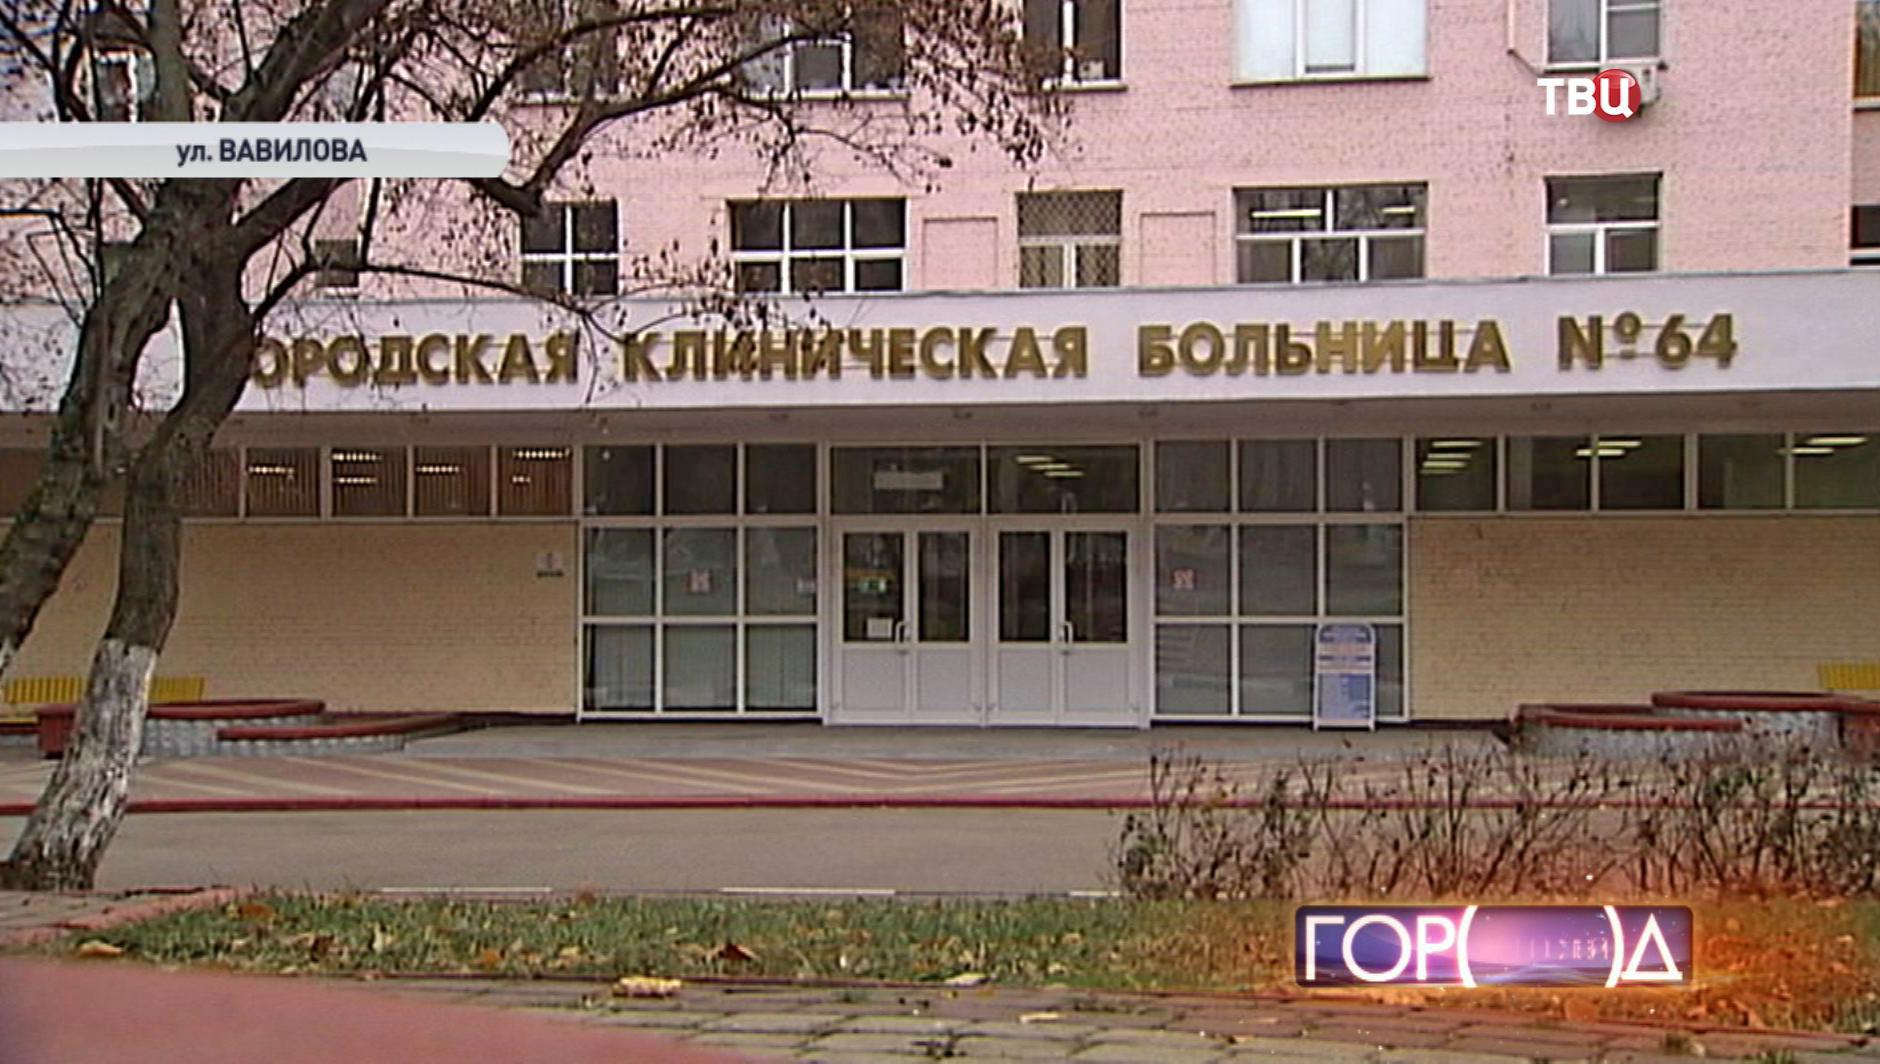 288 отзывов о Городская клиническая больница  64 по